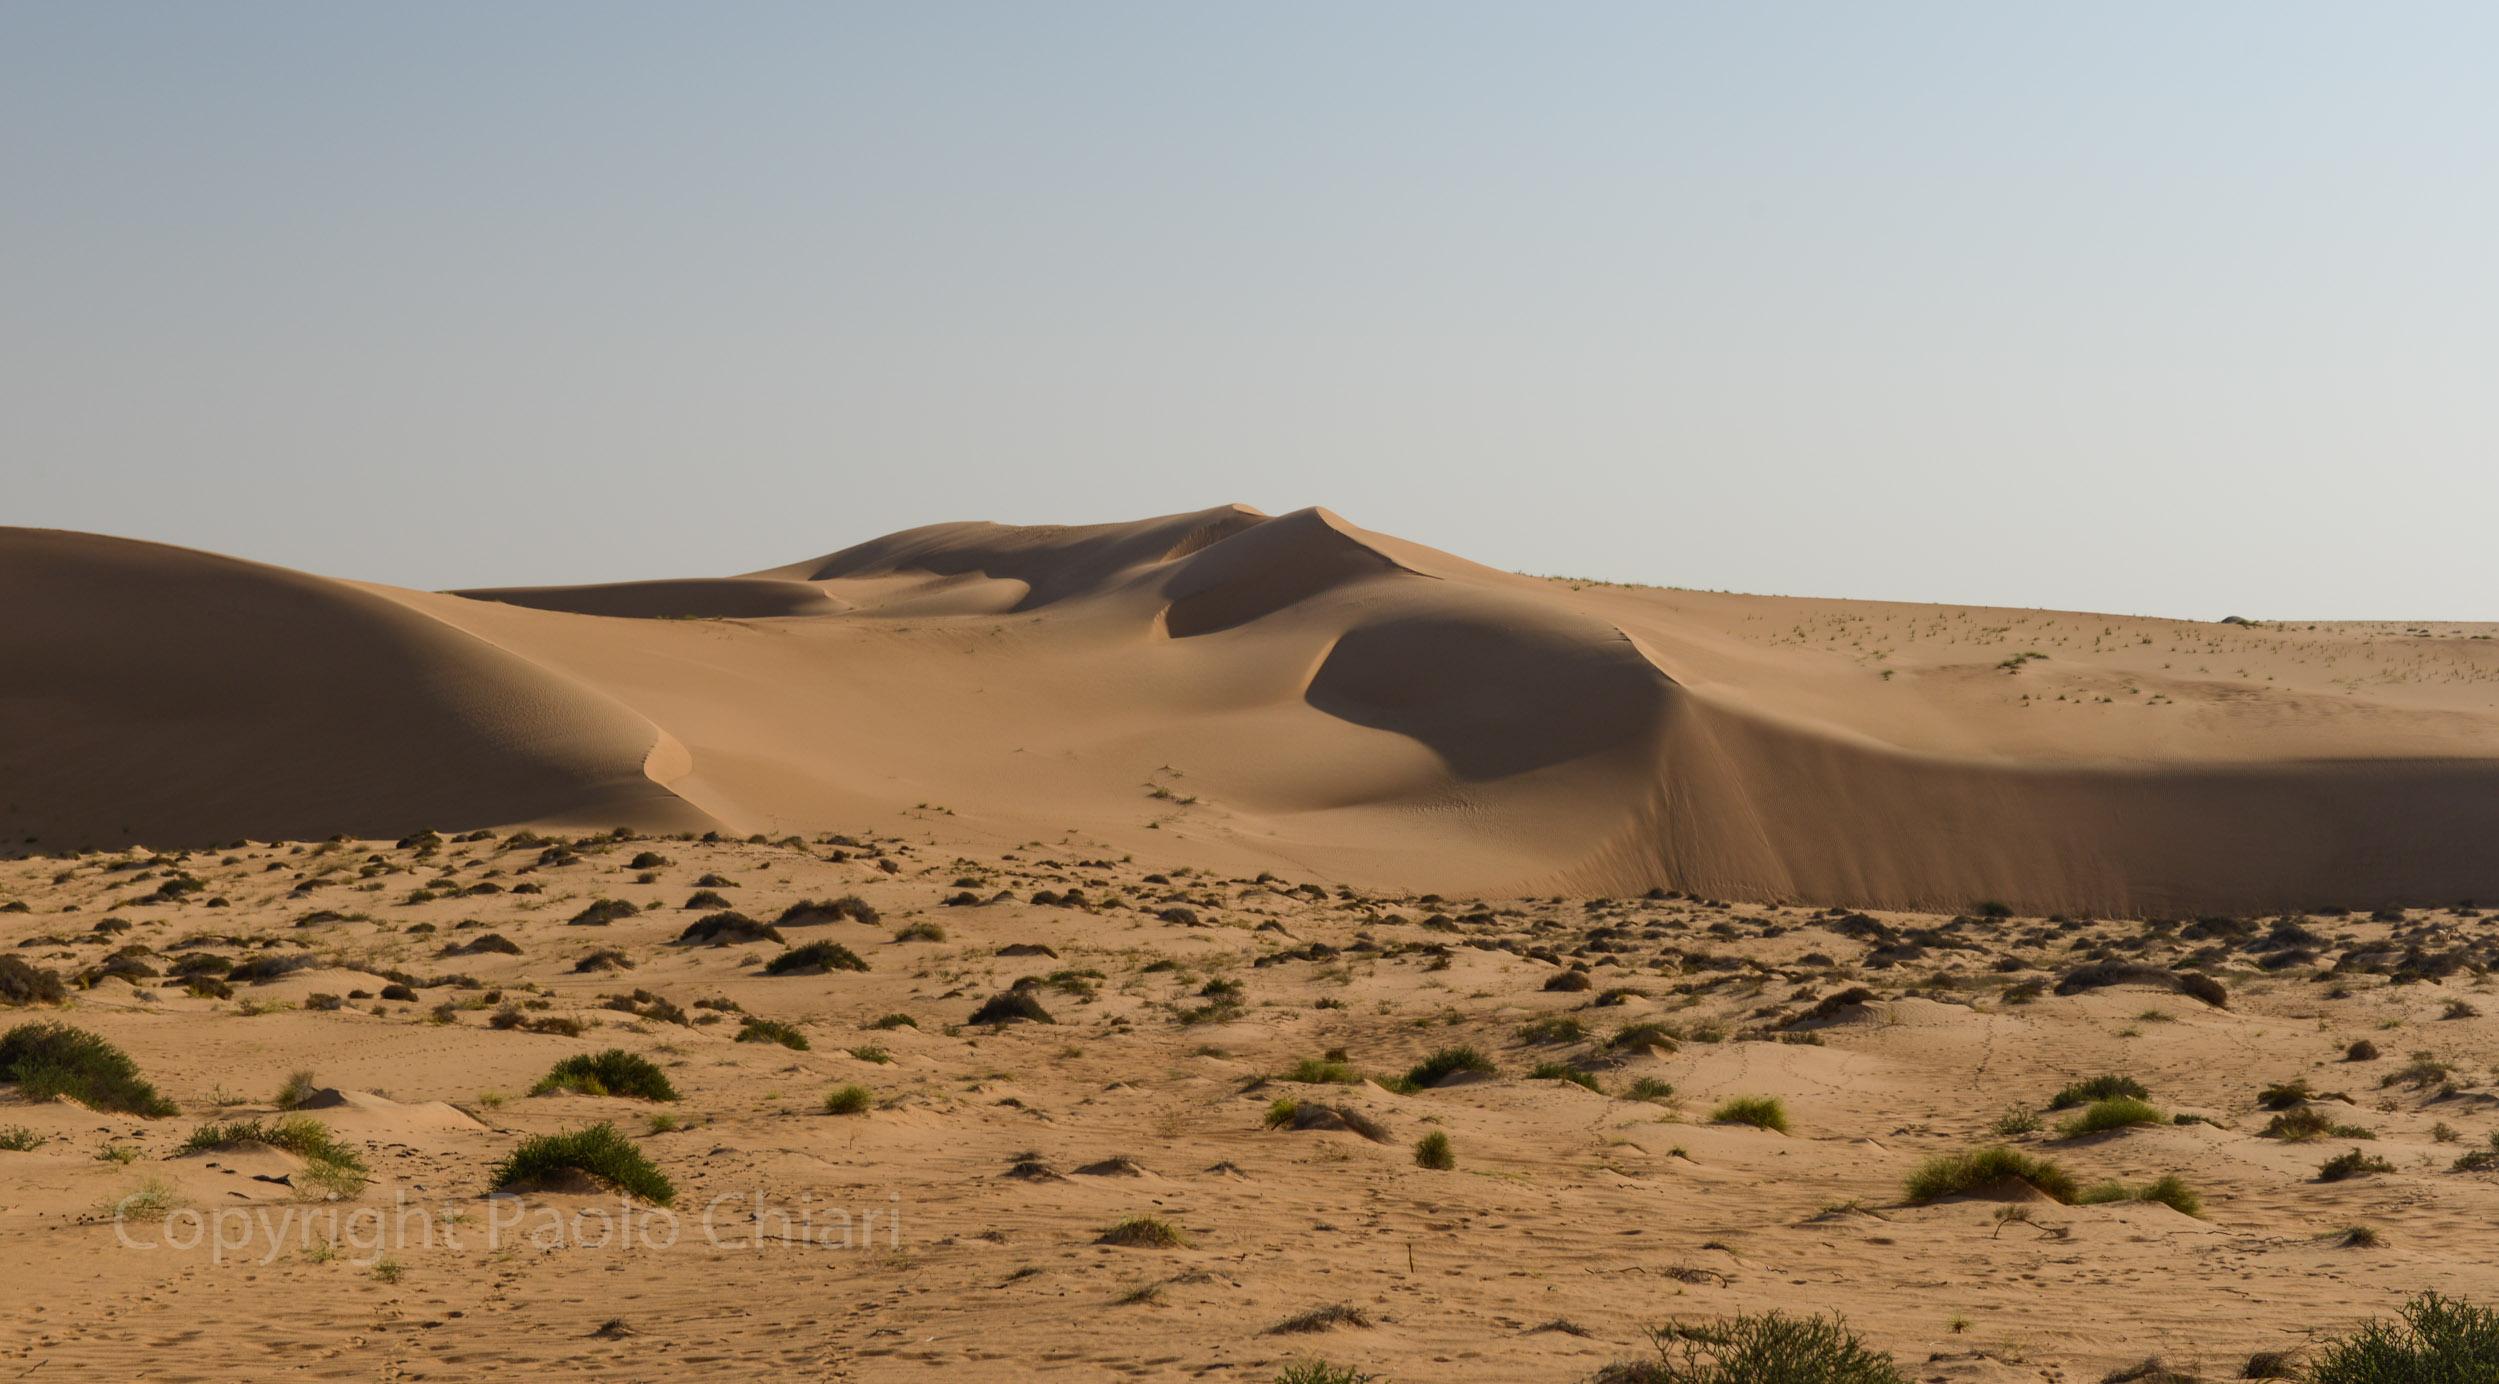 124_Oman13_0884